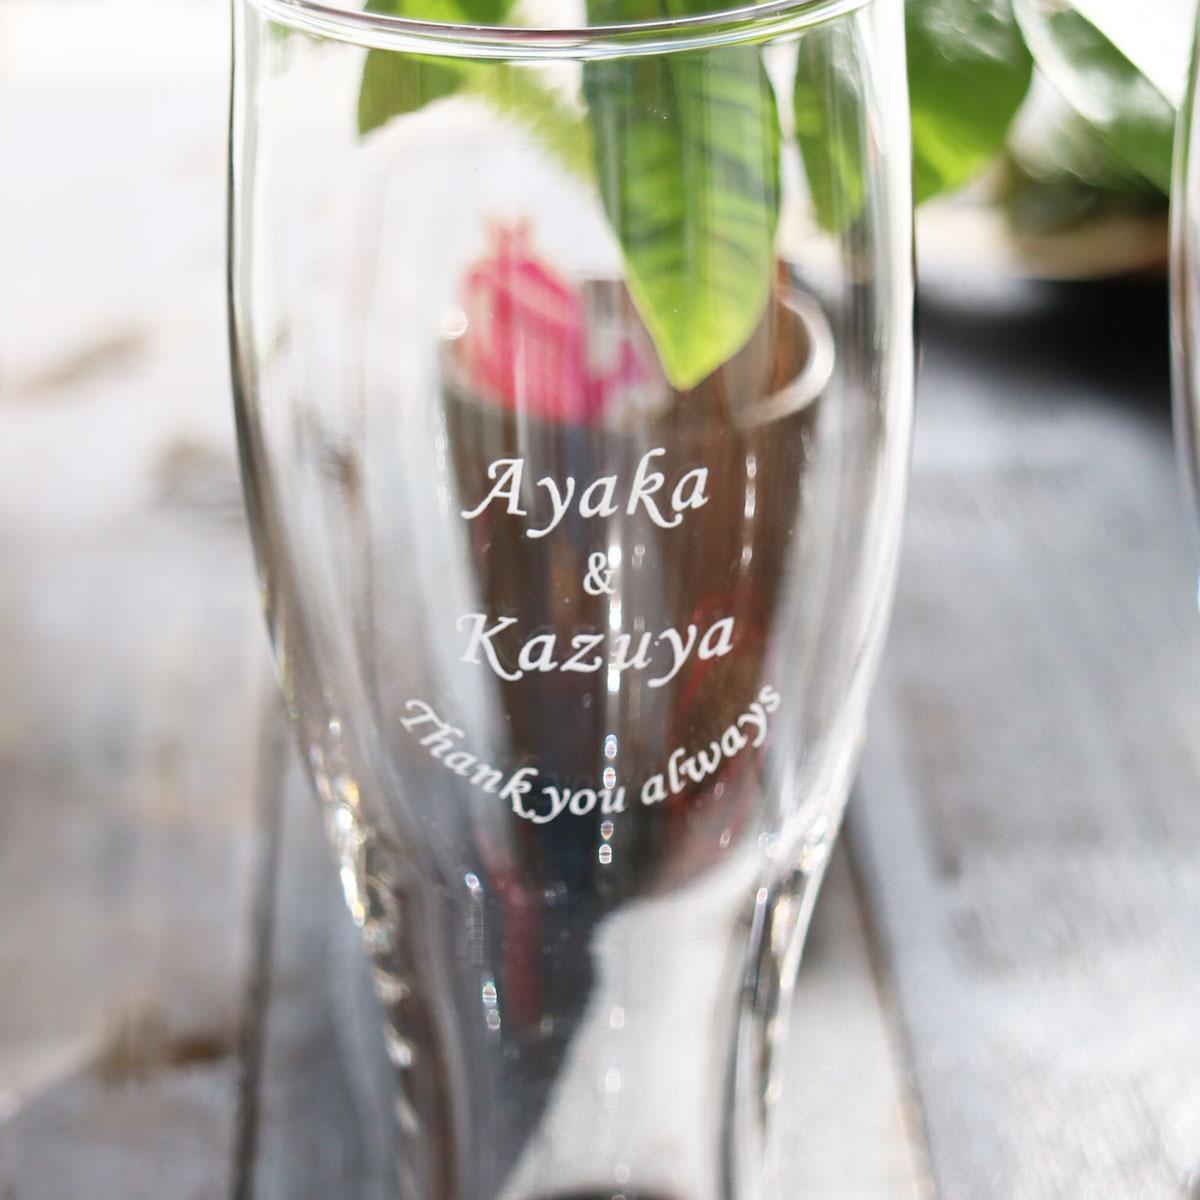 感謝の言葉がグラスの底から見えてくる・・嬉しいグラス(^^♪